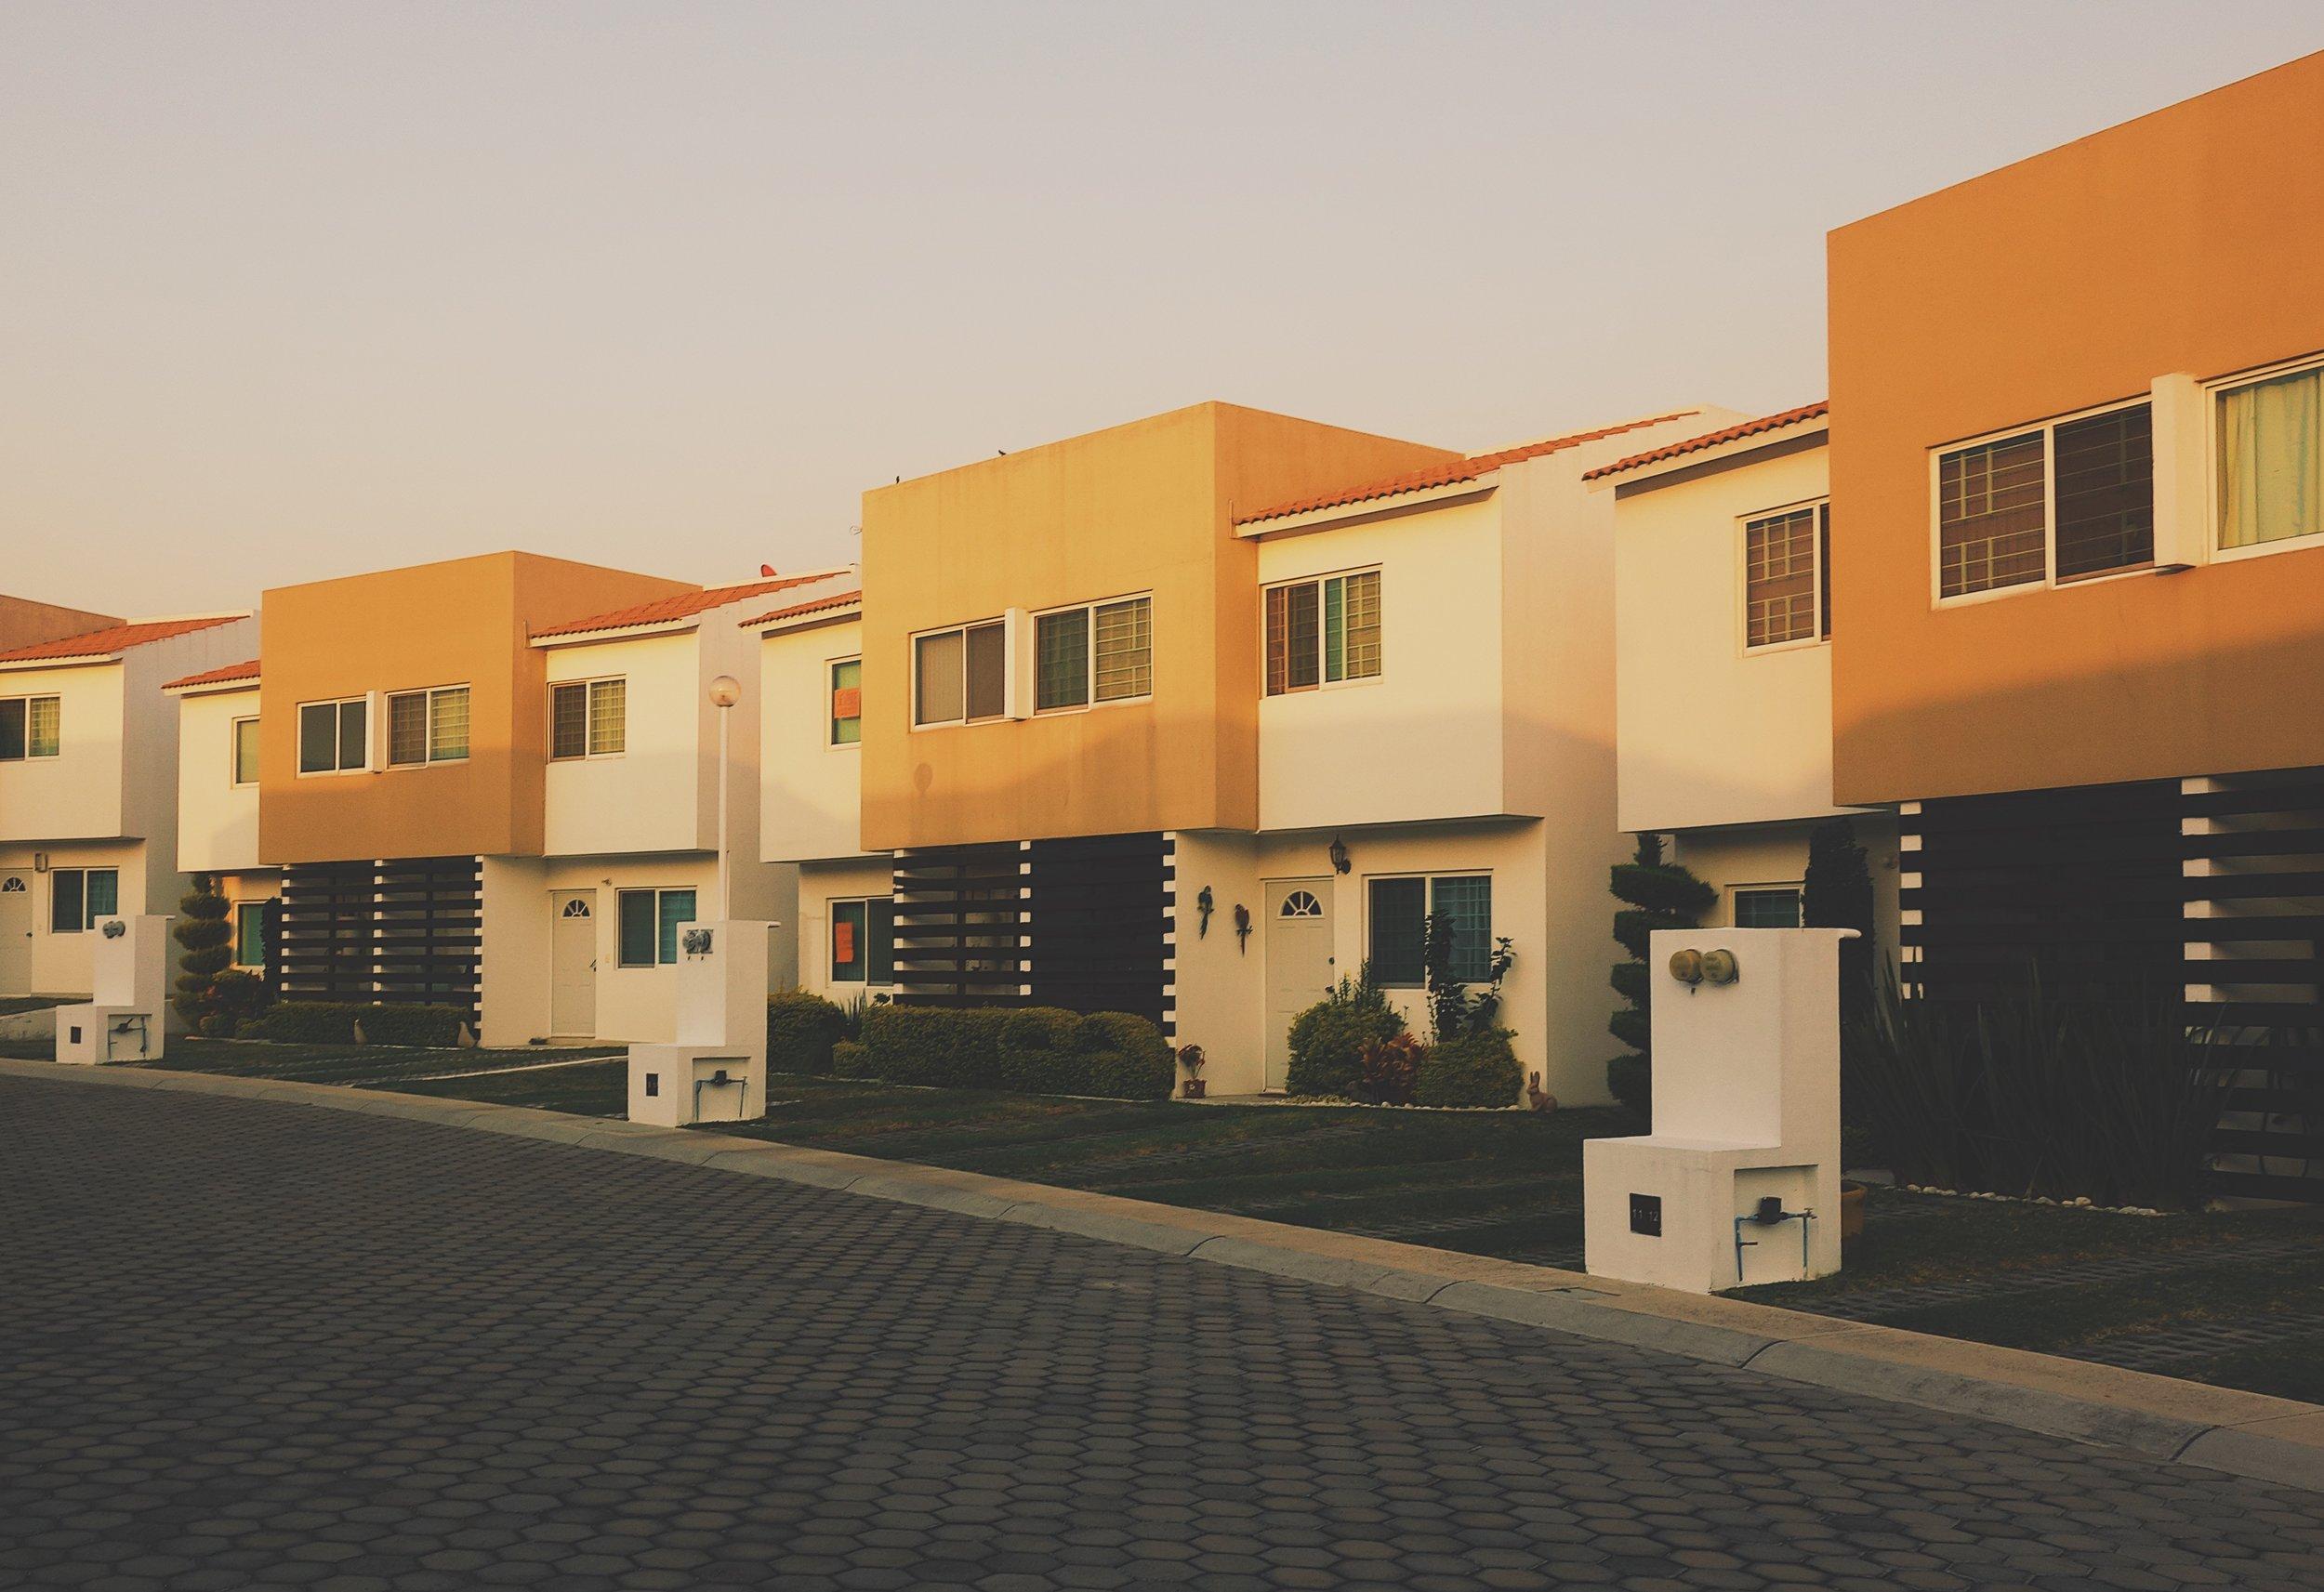 oahu houses